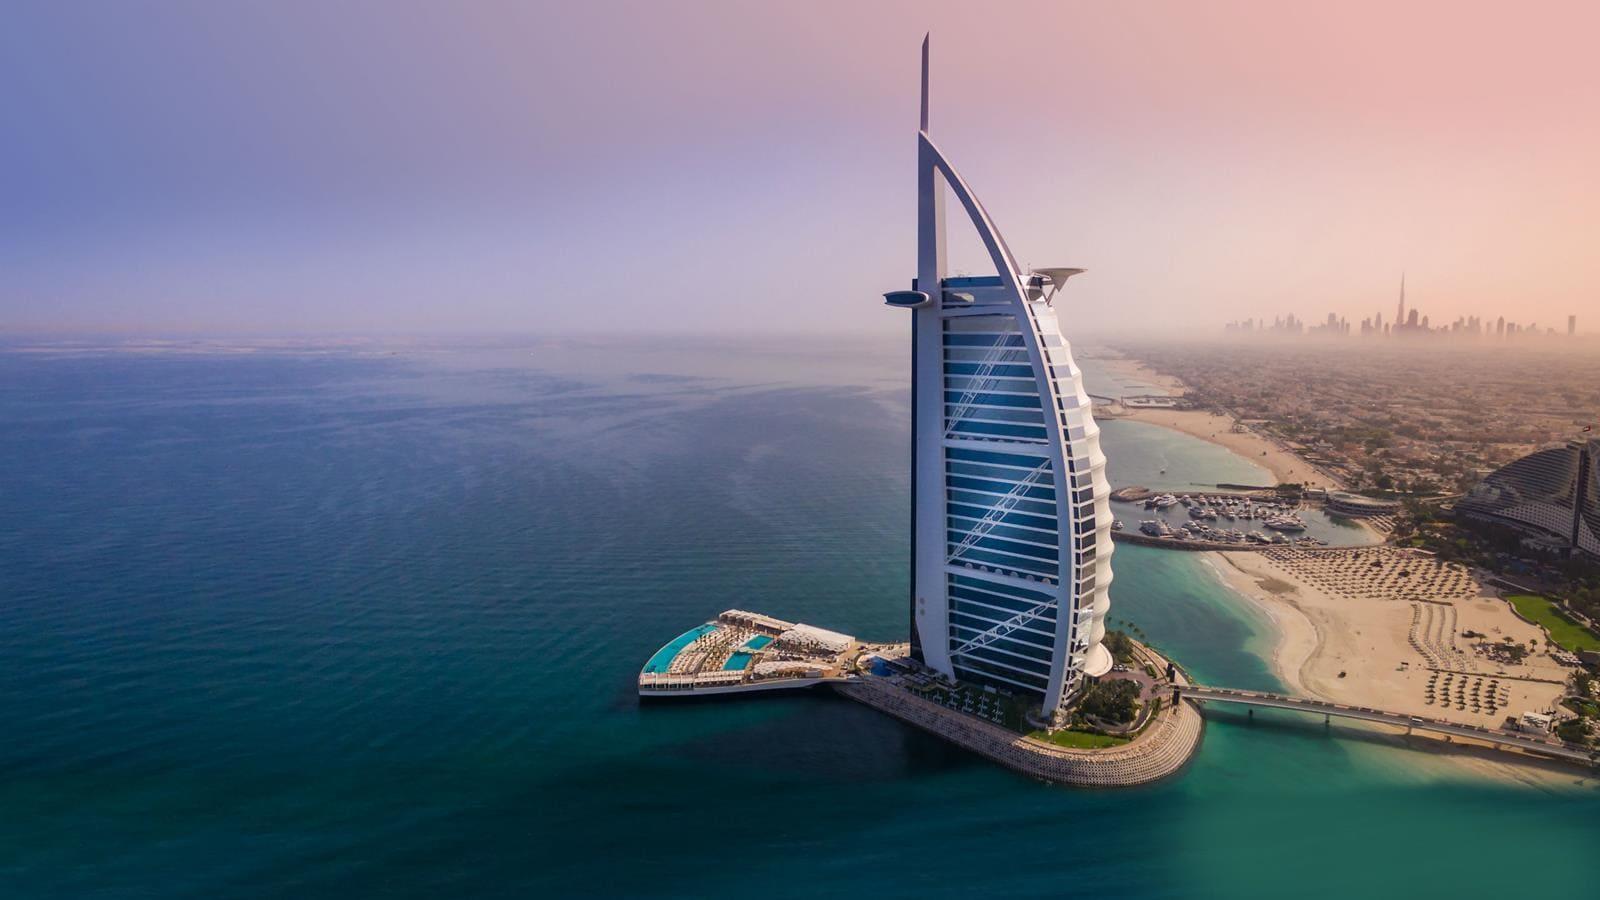 Burj Al Arab Jumeirah, Dubai